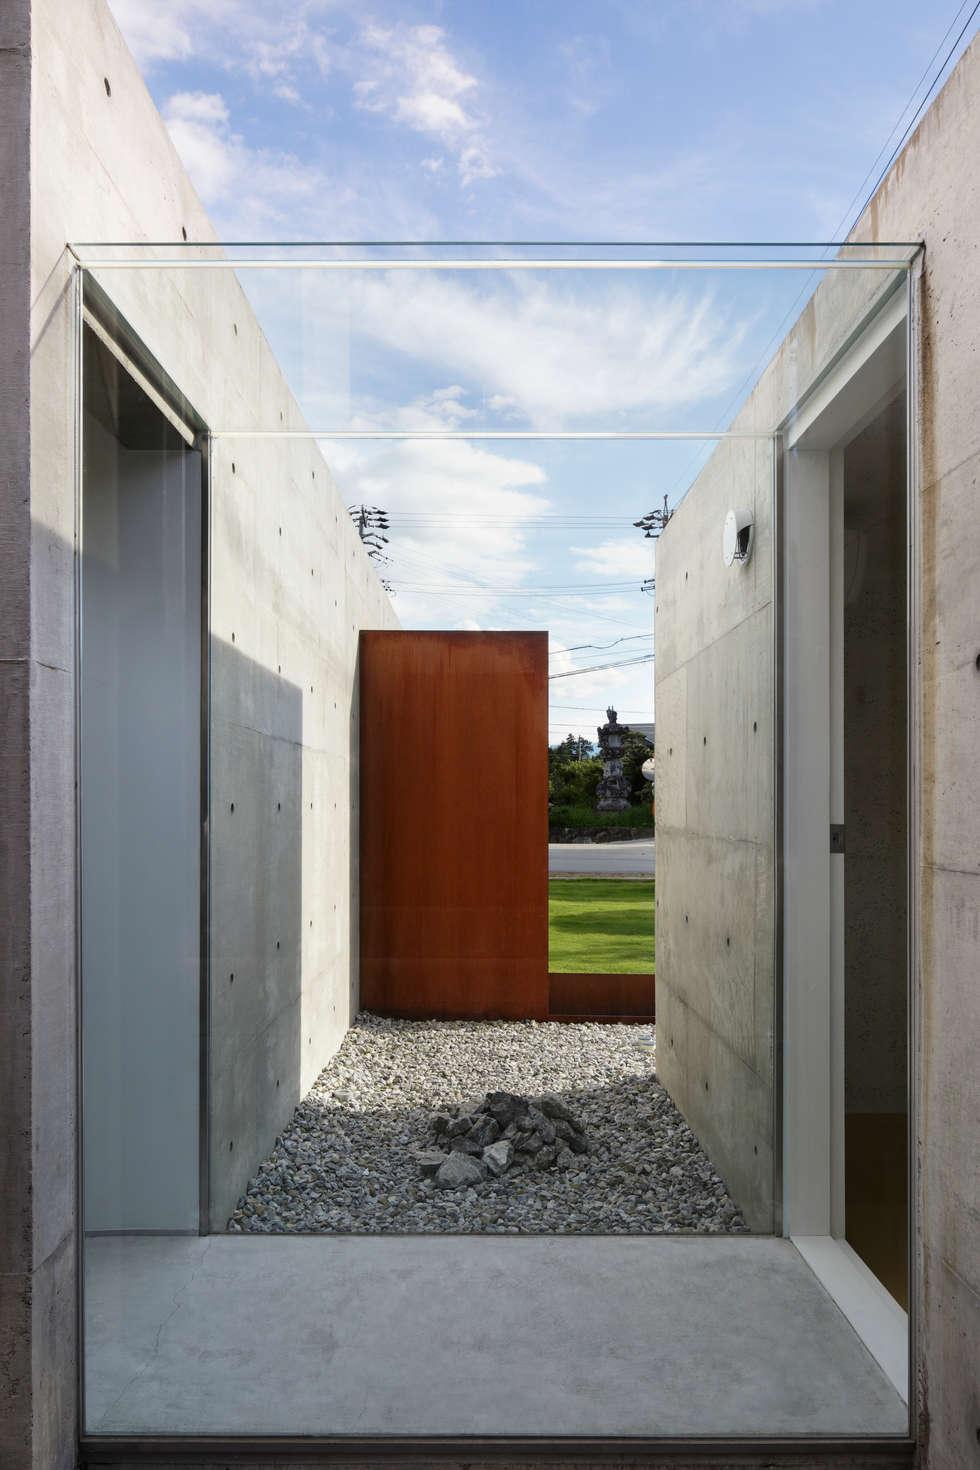 ガラスの回廊と石庭: TNdesign一級建築士事務所が手掛けた家です。